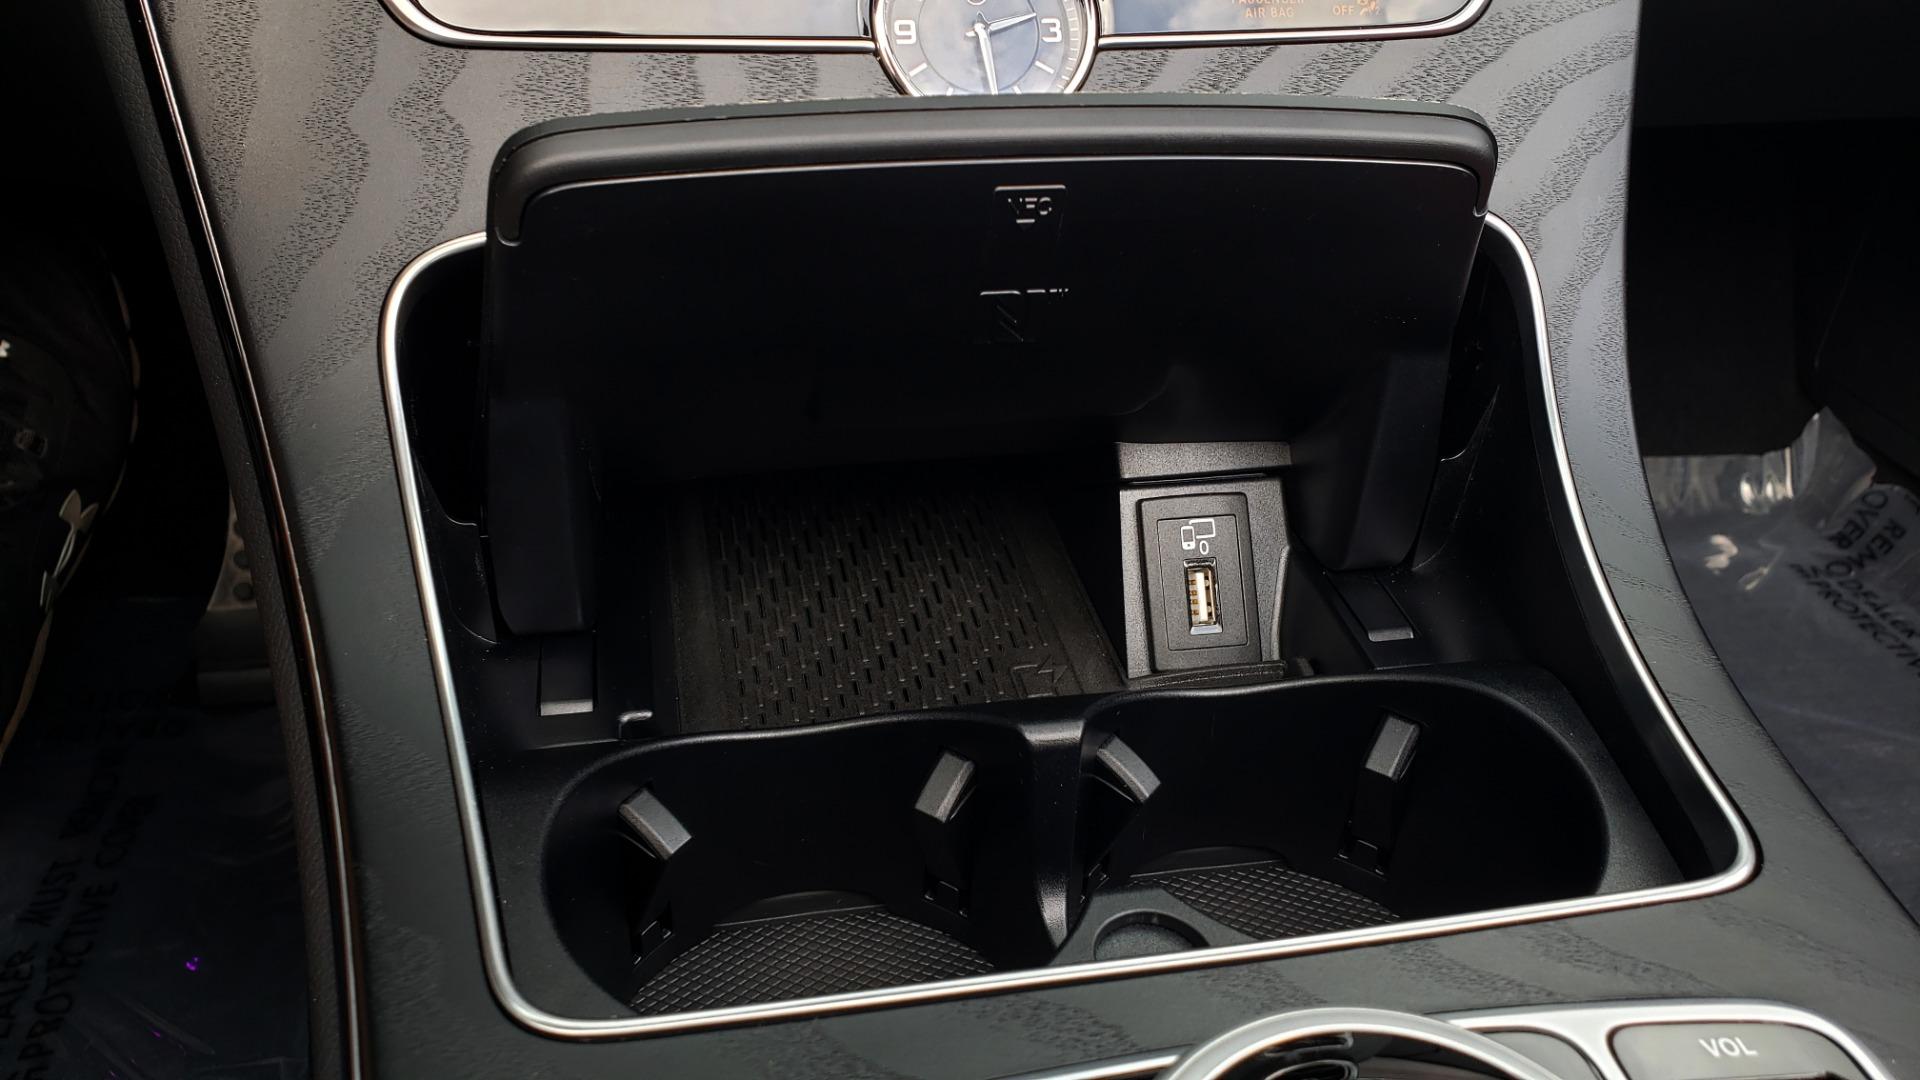 Used 2019 Mercedes-Benz C-CLASS C 300 CABRIOLET / PREM PKG / NAV / BURMESTER / MULTIMEDIA for sale Sold at Formula Imports in Charlotte NC 28227 50